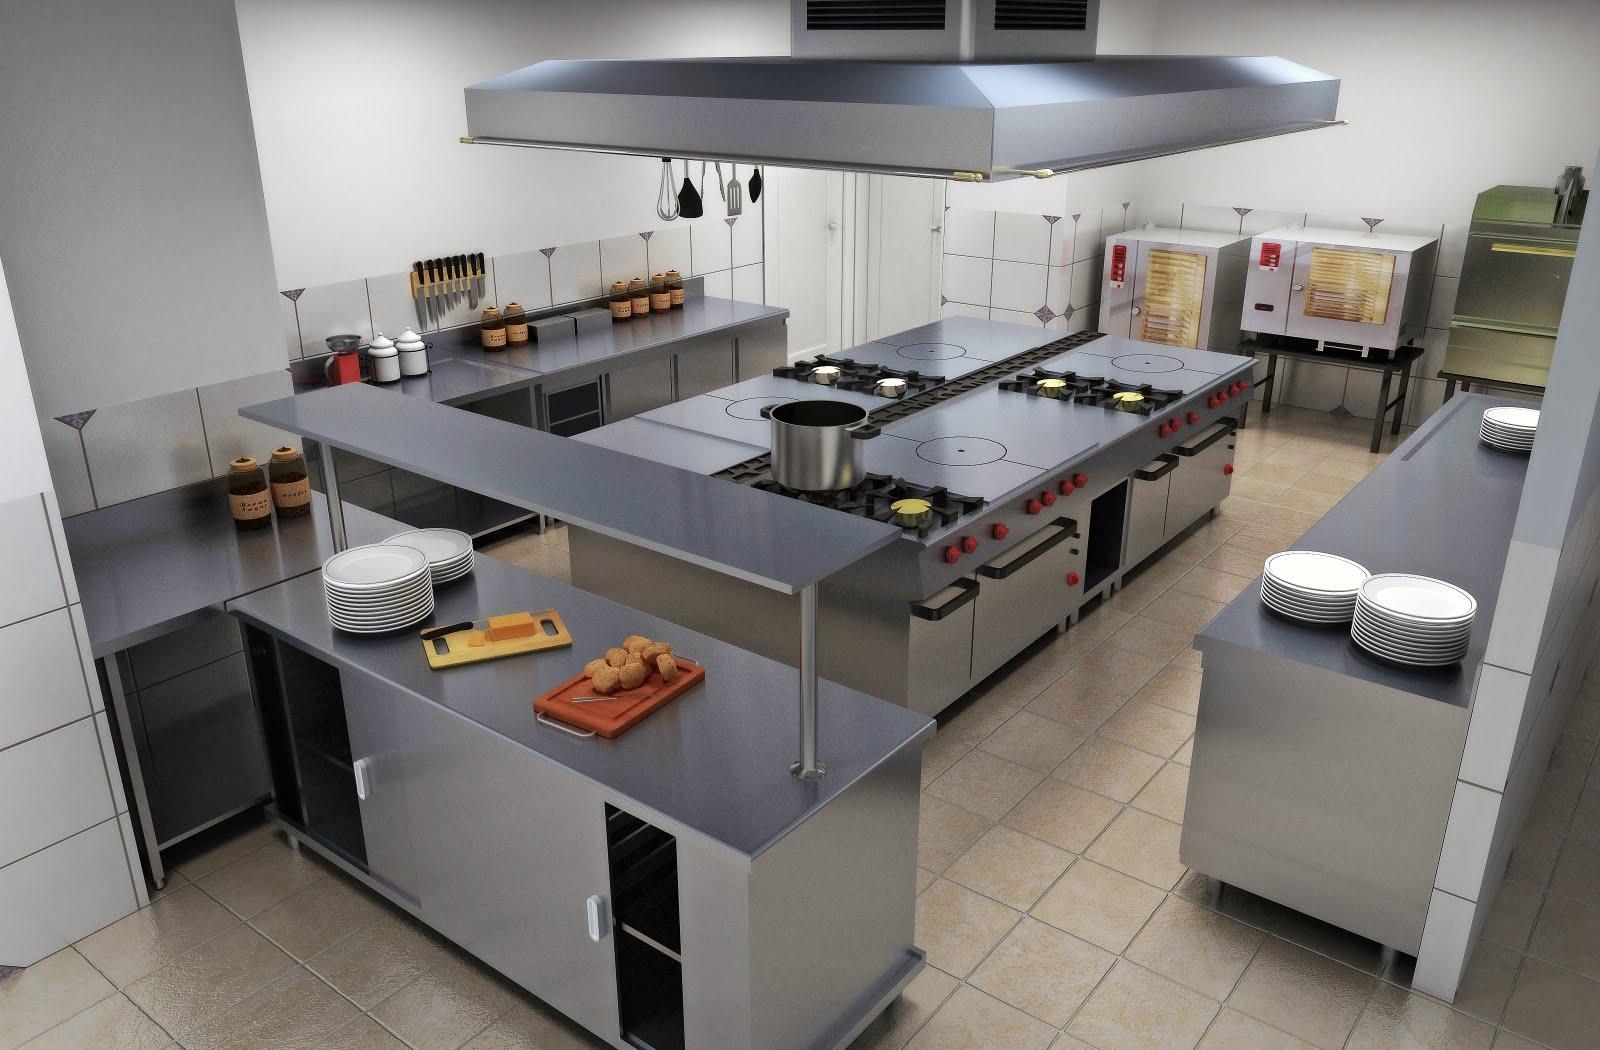 Jaime juan soteras dise o dise o cocina - Diseno de cocina 3d ...